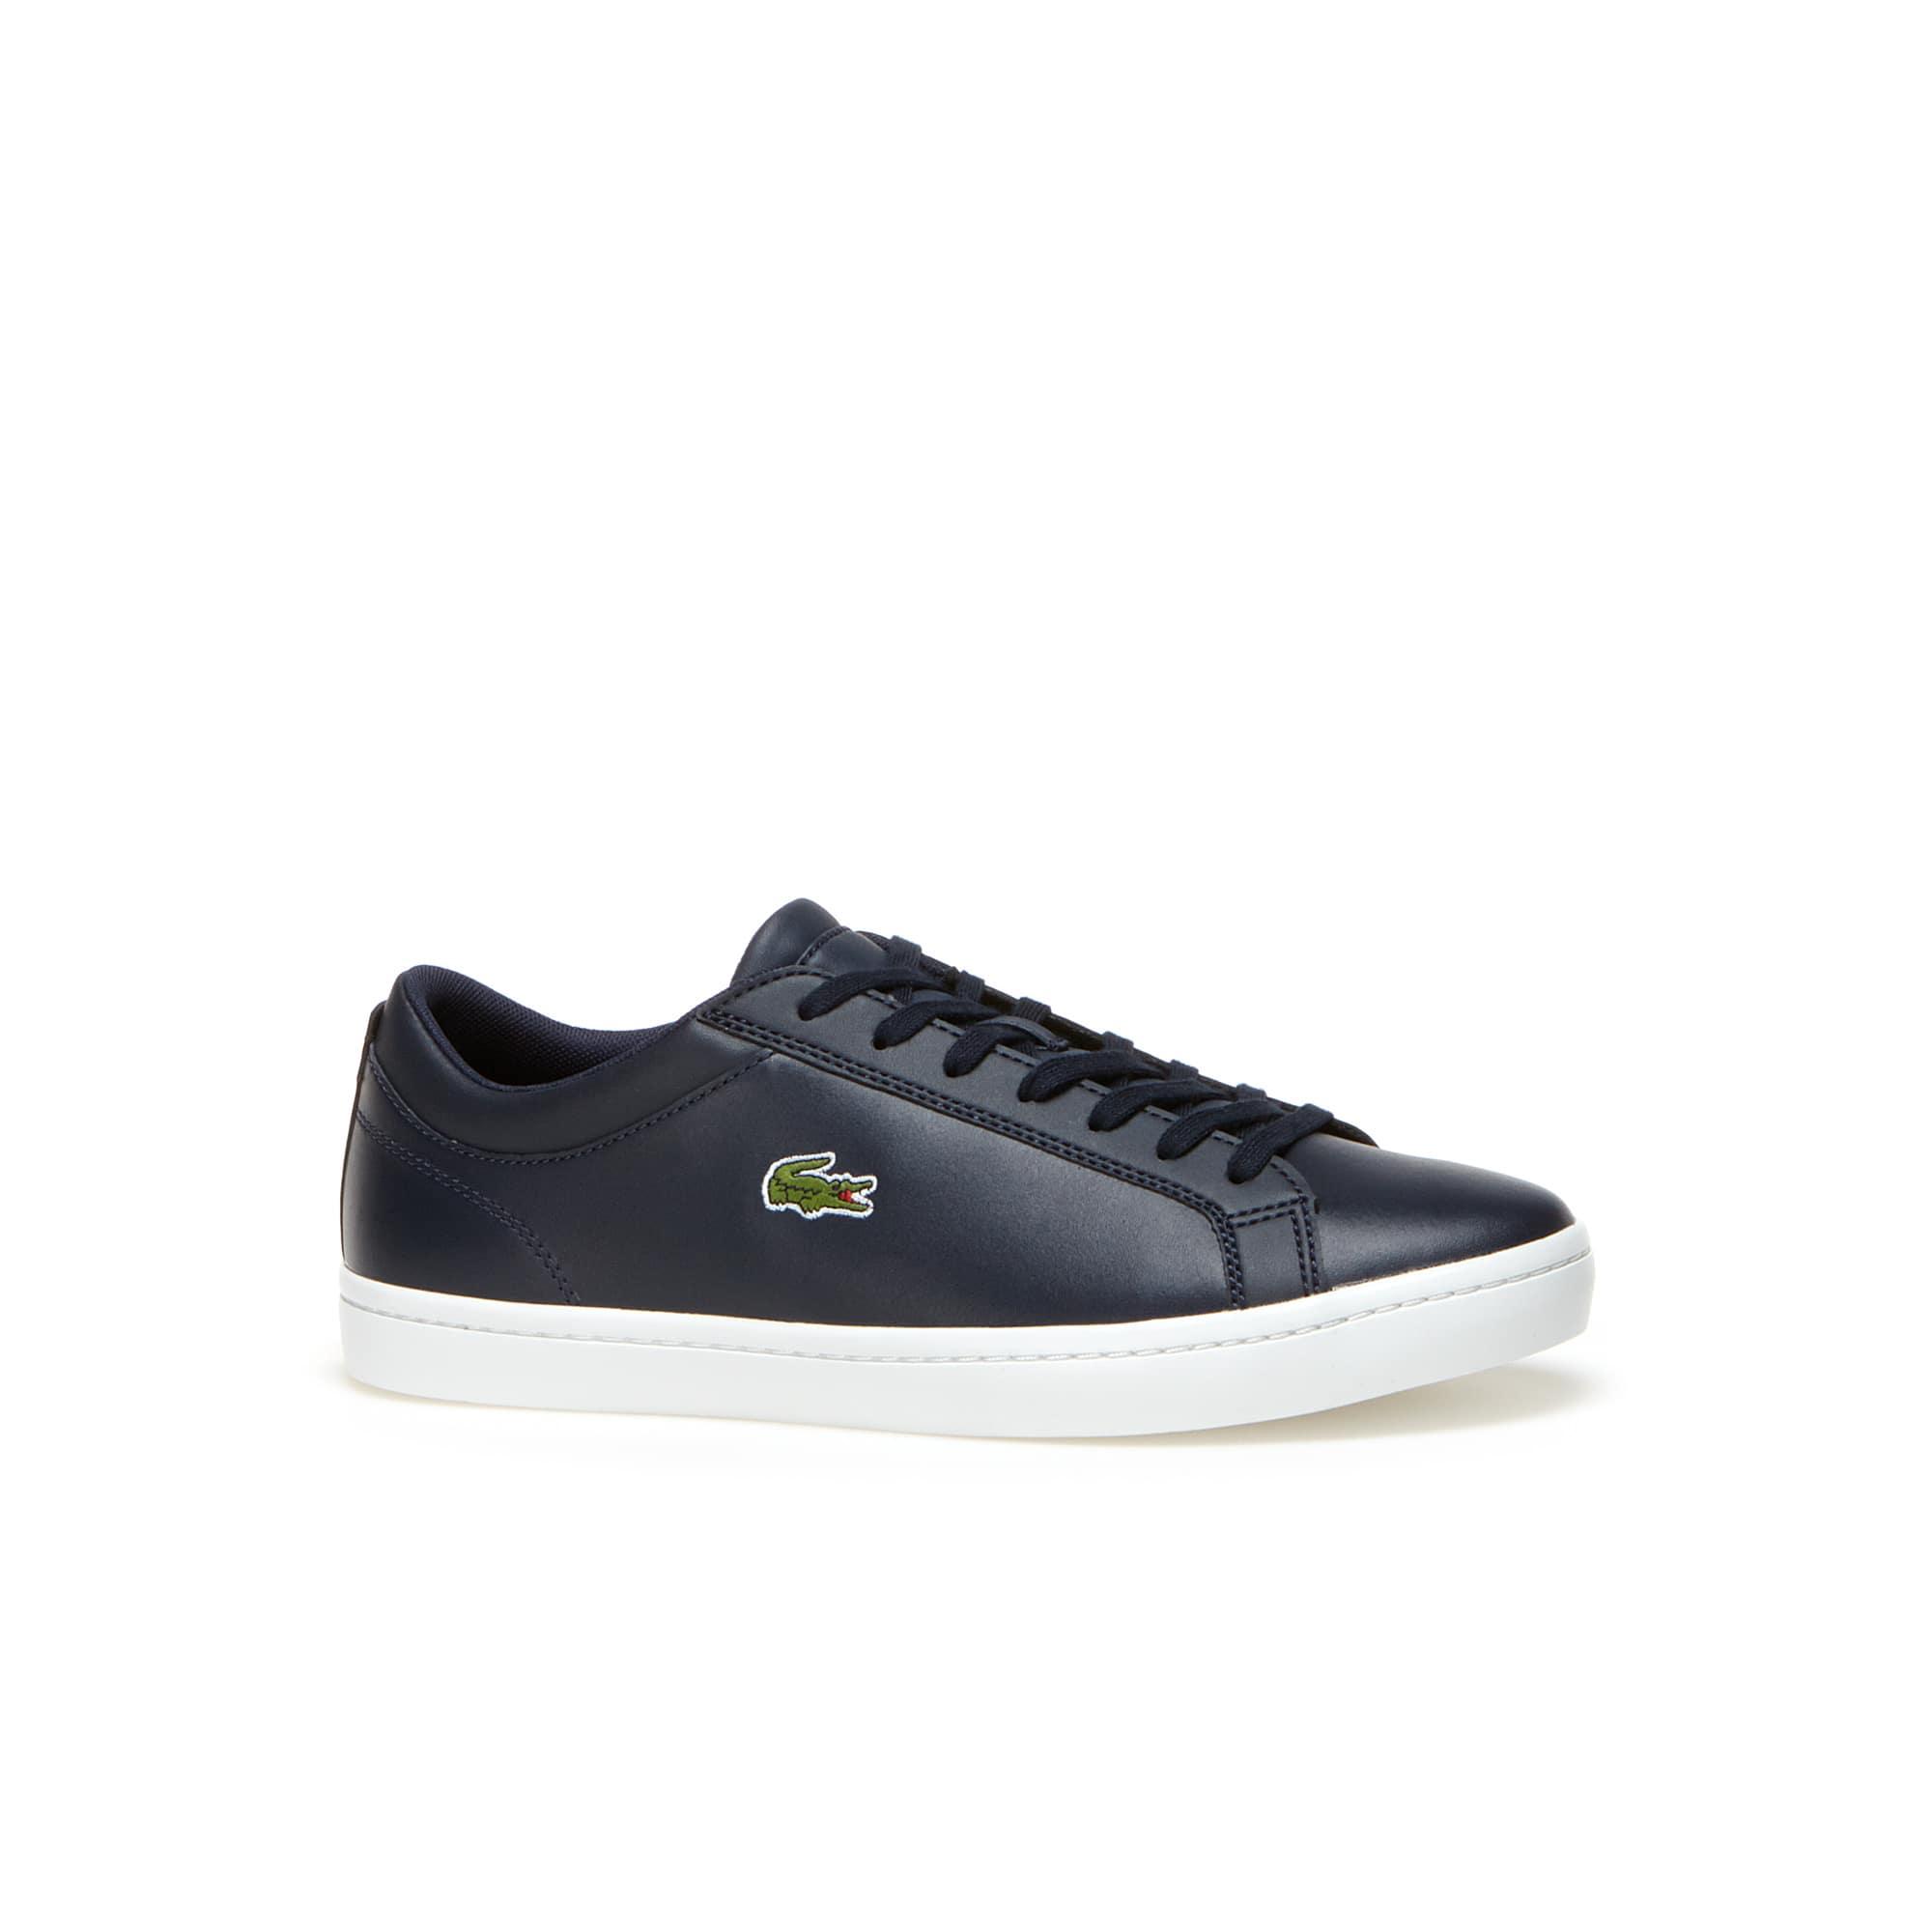 46f667e4696 Sneakers Novas homme en cuir nappa et résille. € 100